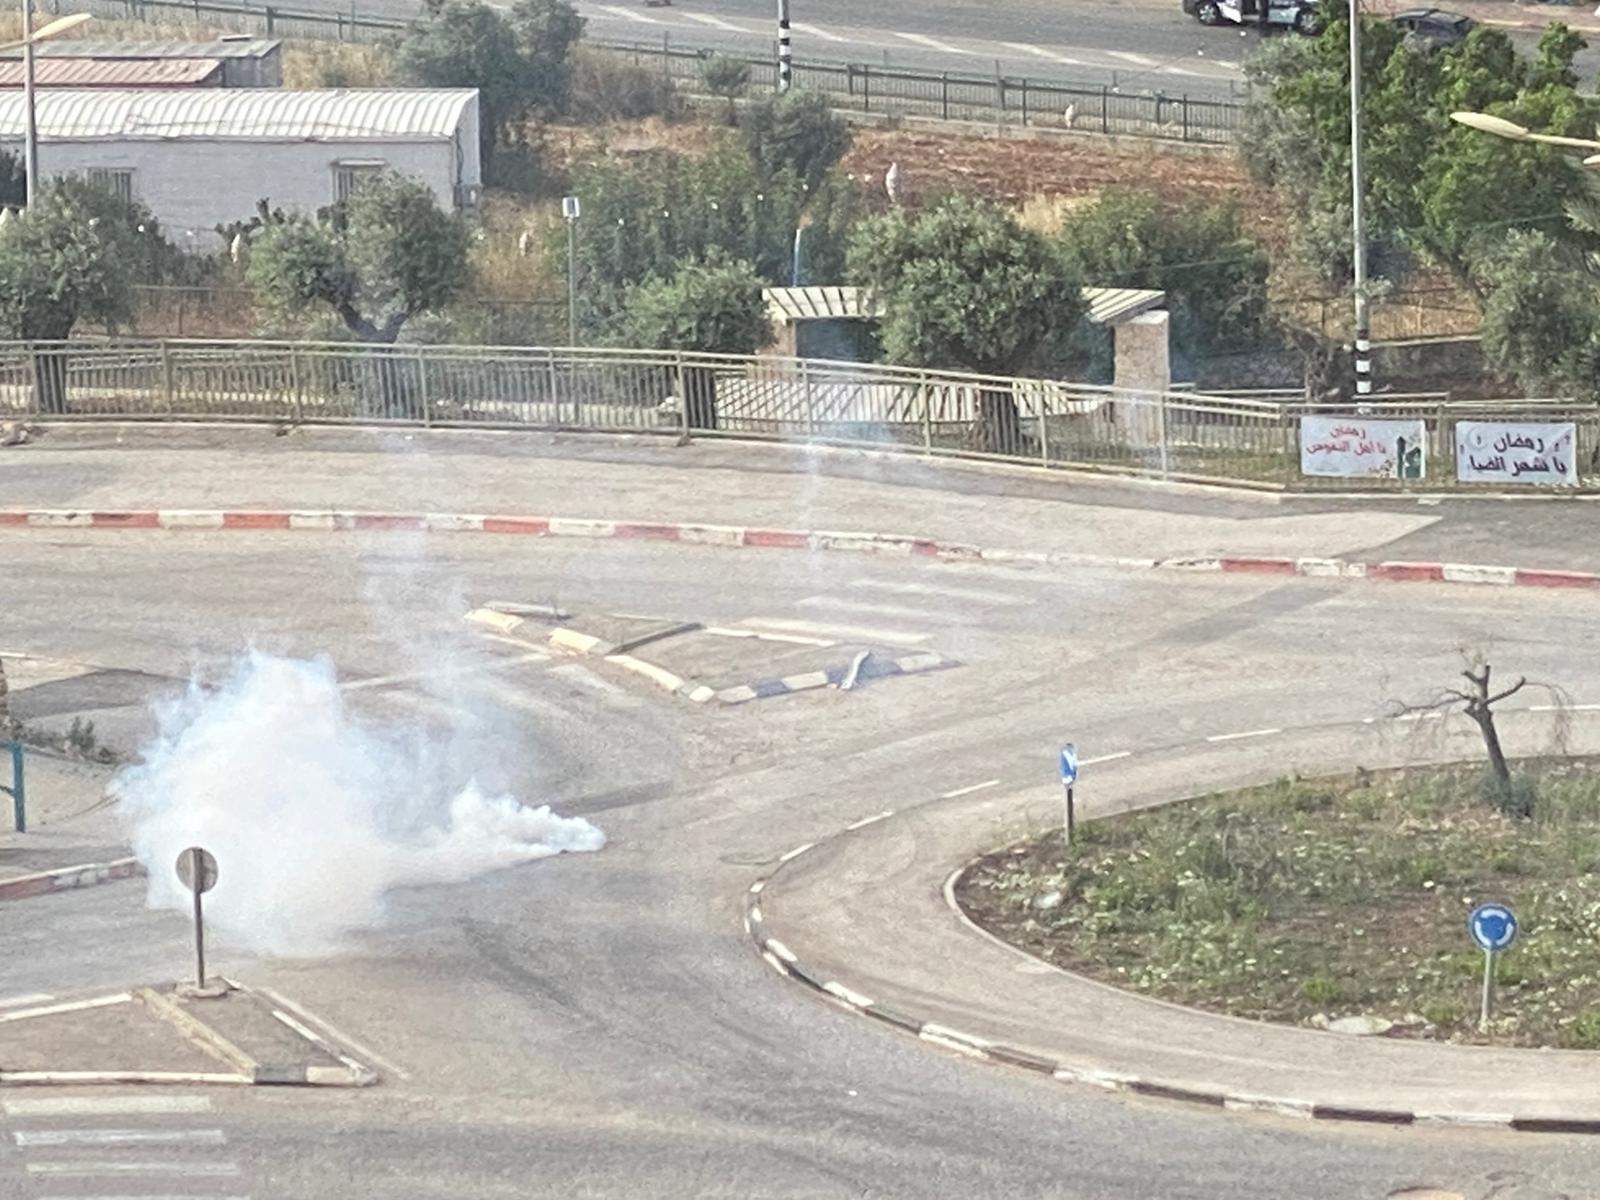 إضراب الكرامة يعم البلدات العربية والضفة الغربية